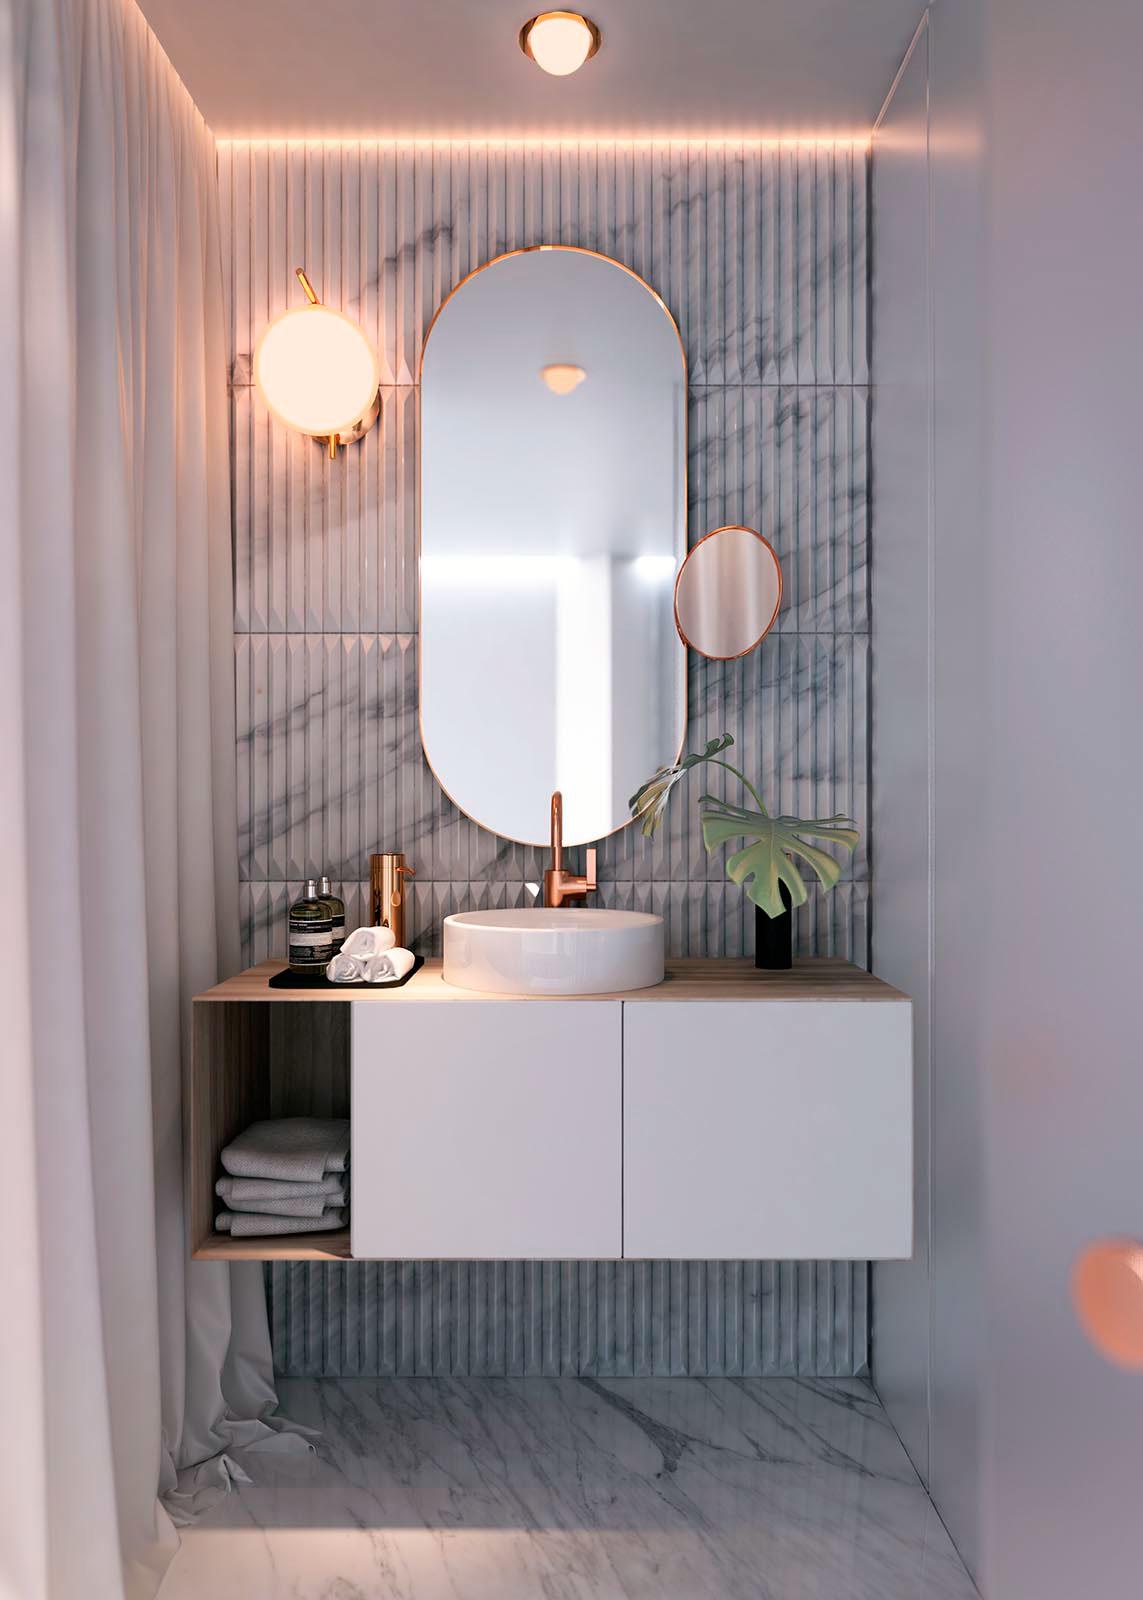 Hotel Suite Room: STUDIO SUITE HOTEL ROOM On Behance